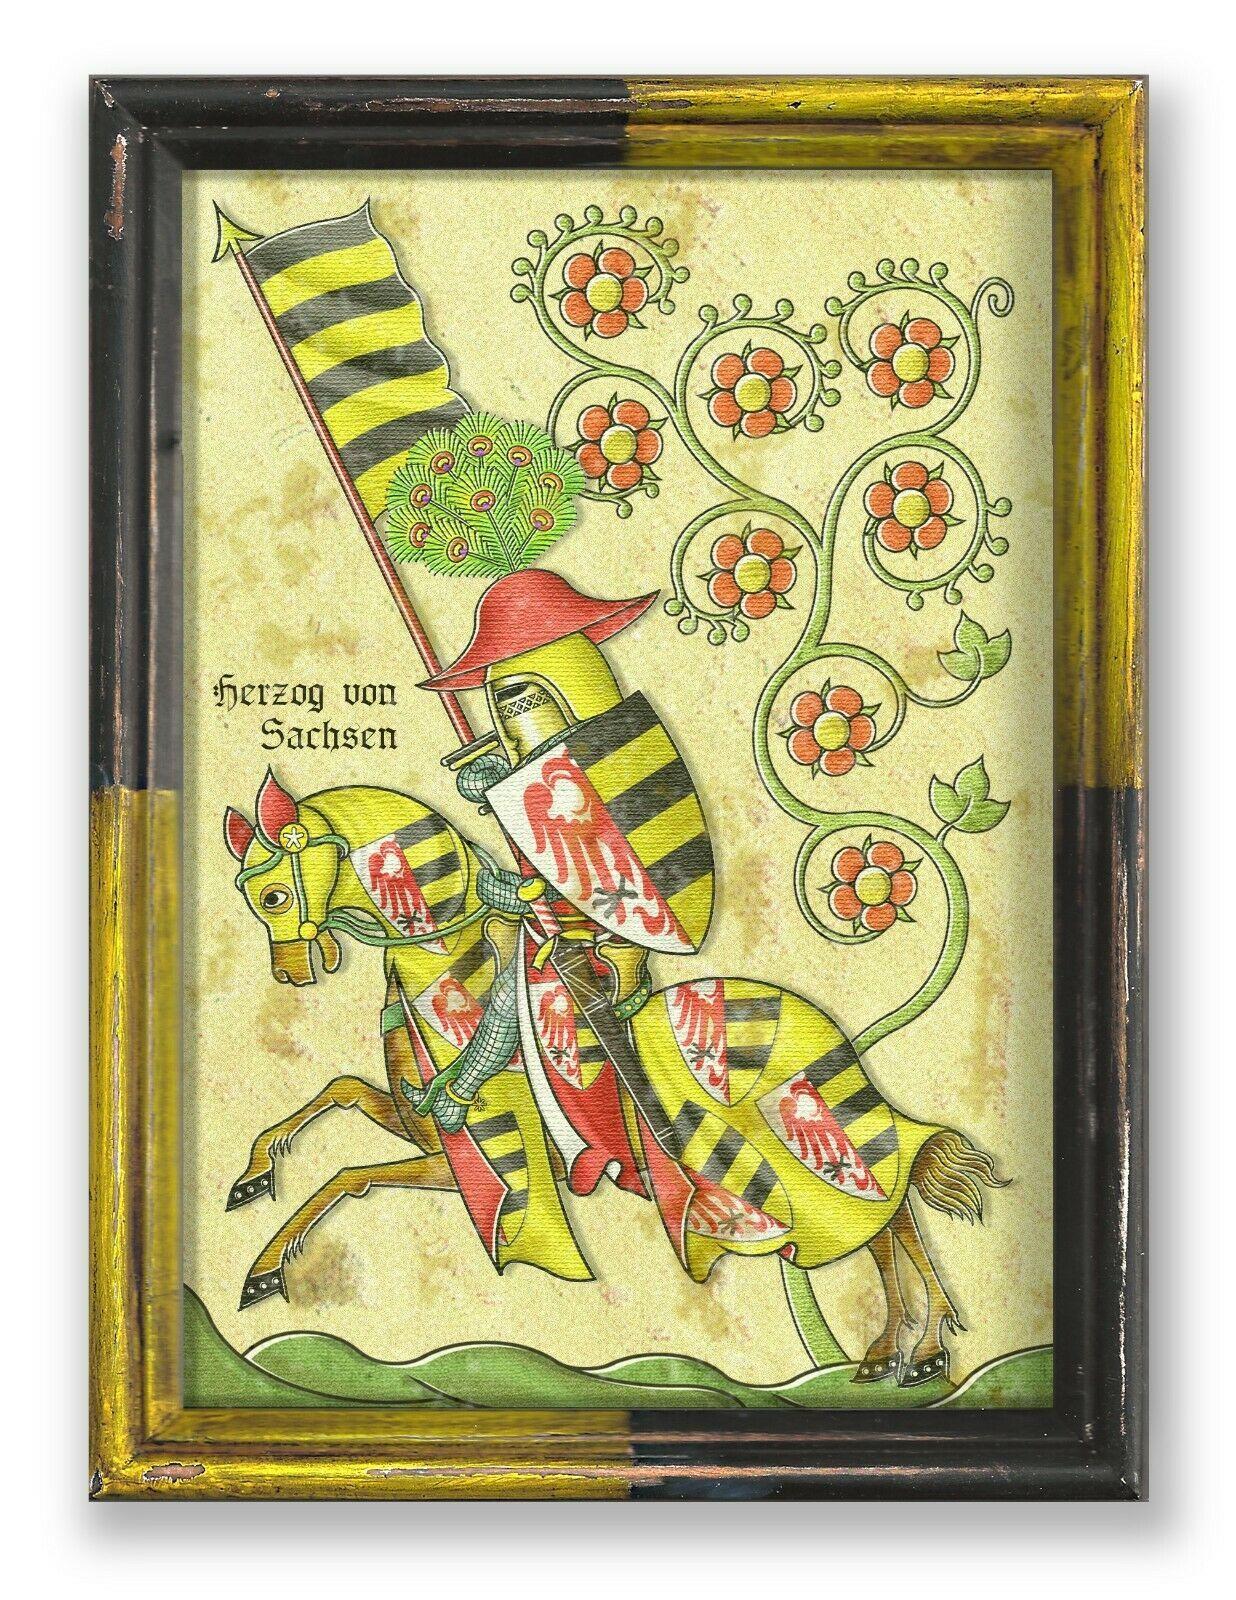 Herzog von Sachsen Wappen Ritter Lausitz Magdeburg